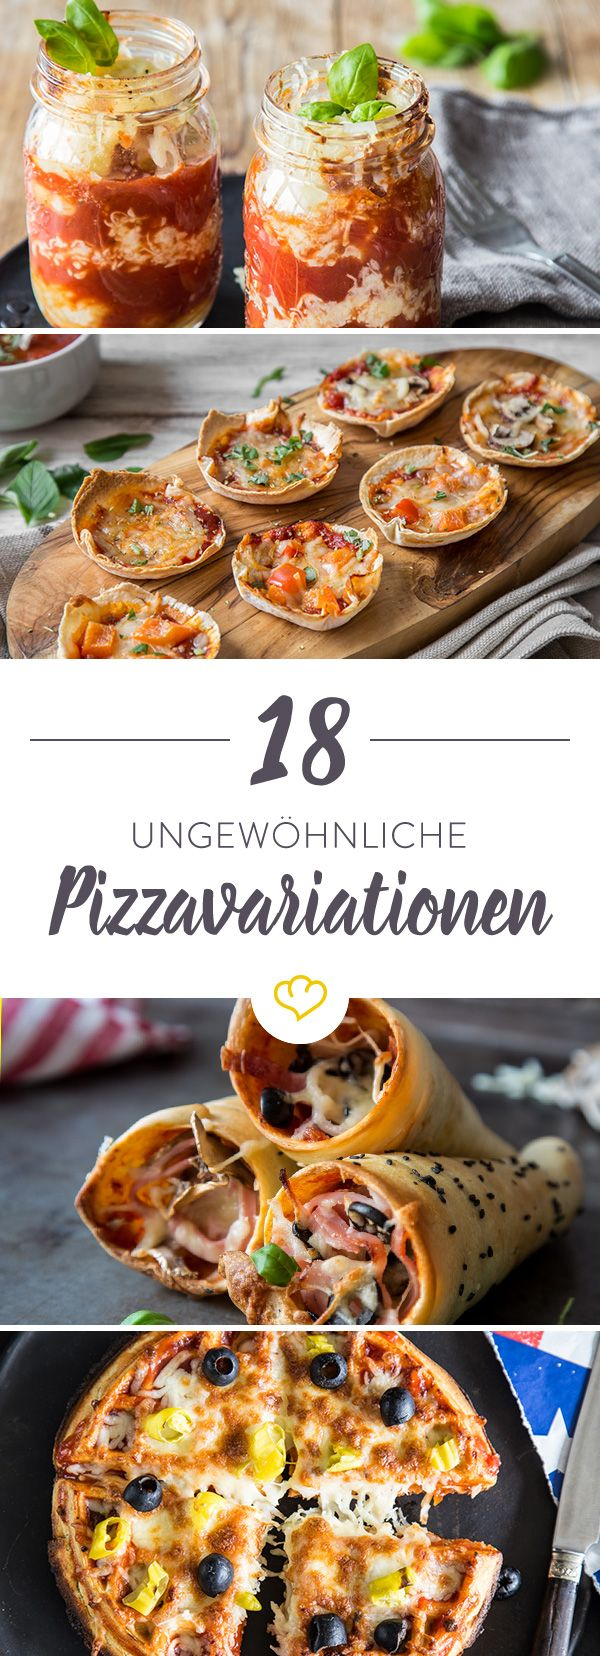 Wir haben 18 ausgefallene Pizzavariationen für dich zusammen gestellt, die eigentlich gar keine Pizza sind, aber trotzdem unglaublich gut danach schmecken!